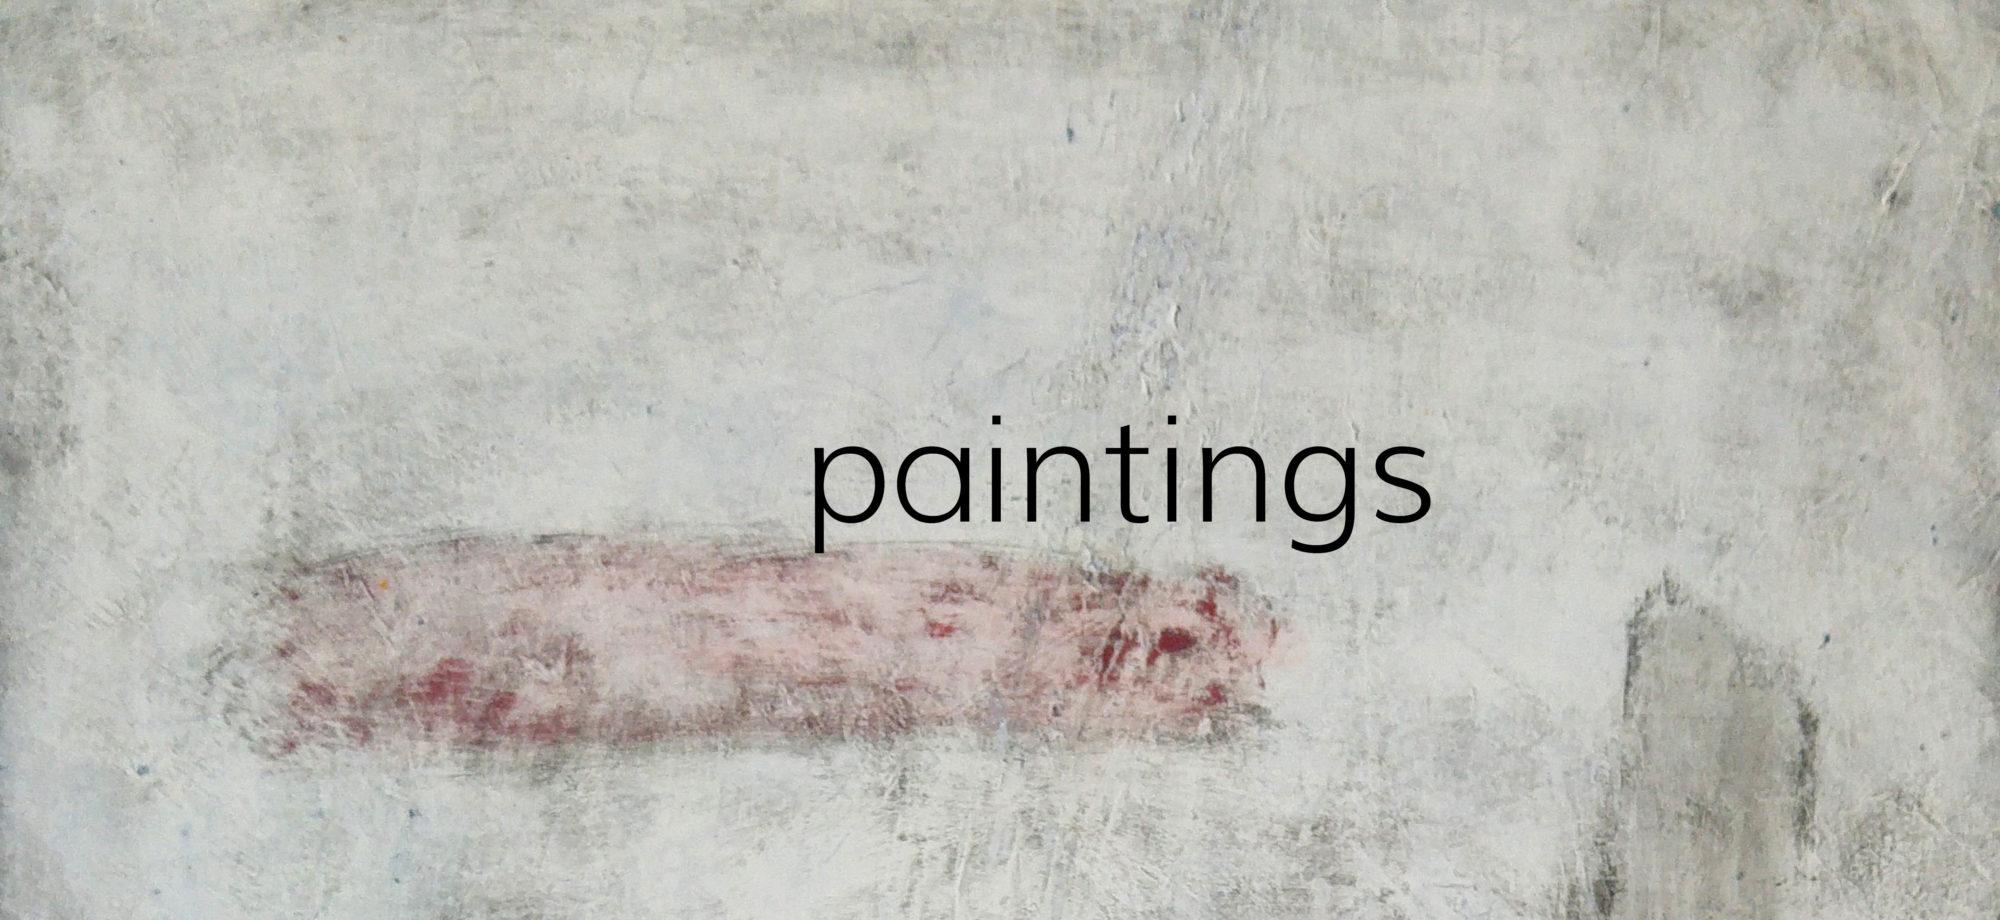 Paintings, Art on Stage